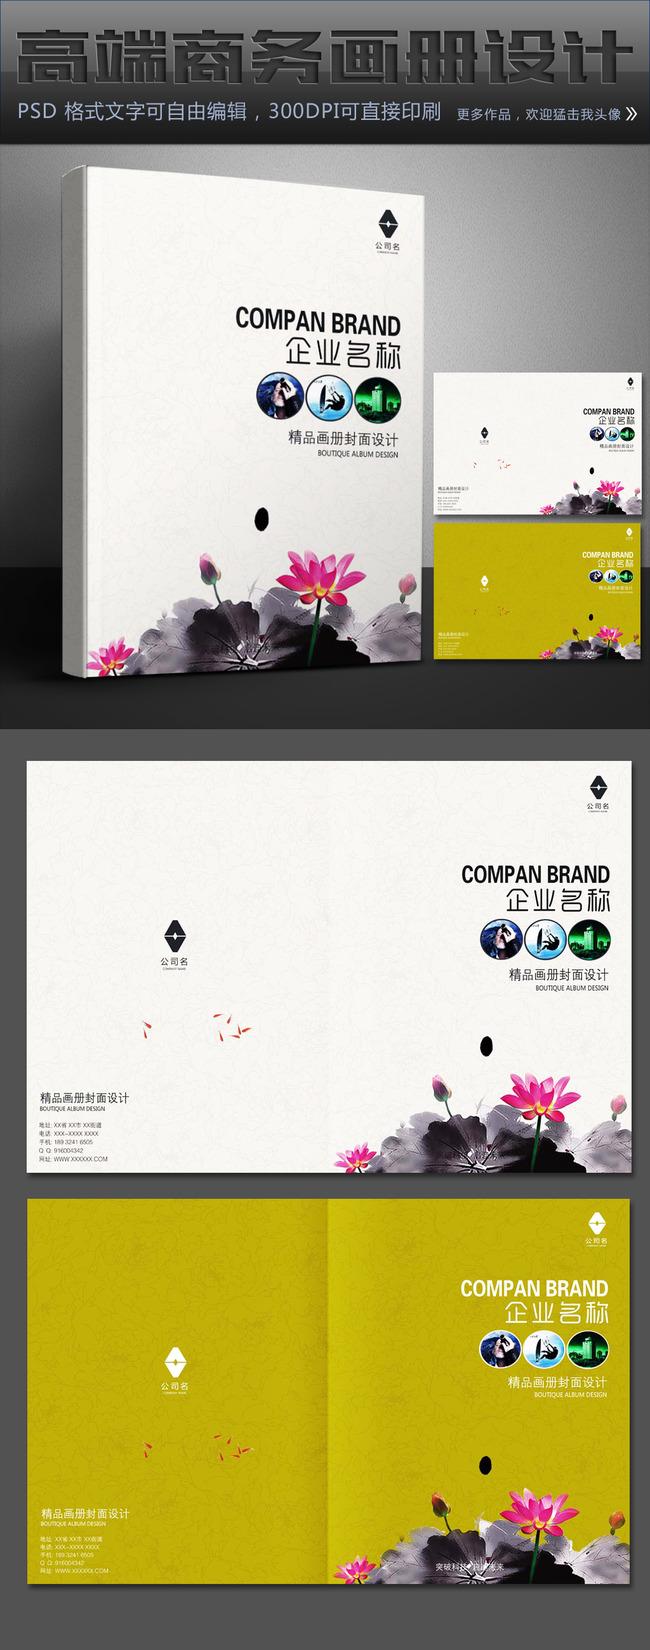 古典中式水墨山水企业公司宣传画册封面模板下载(图片